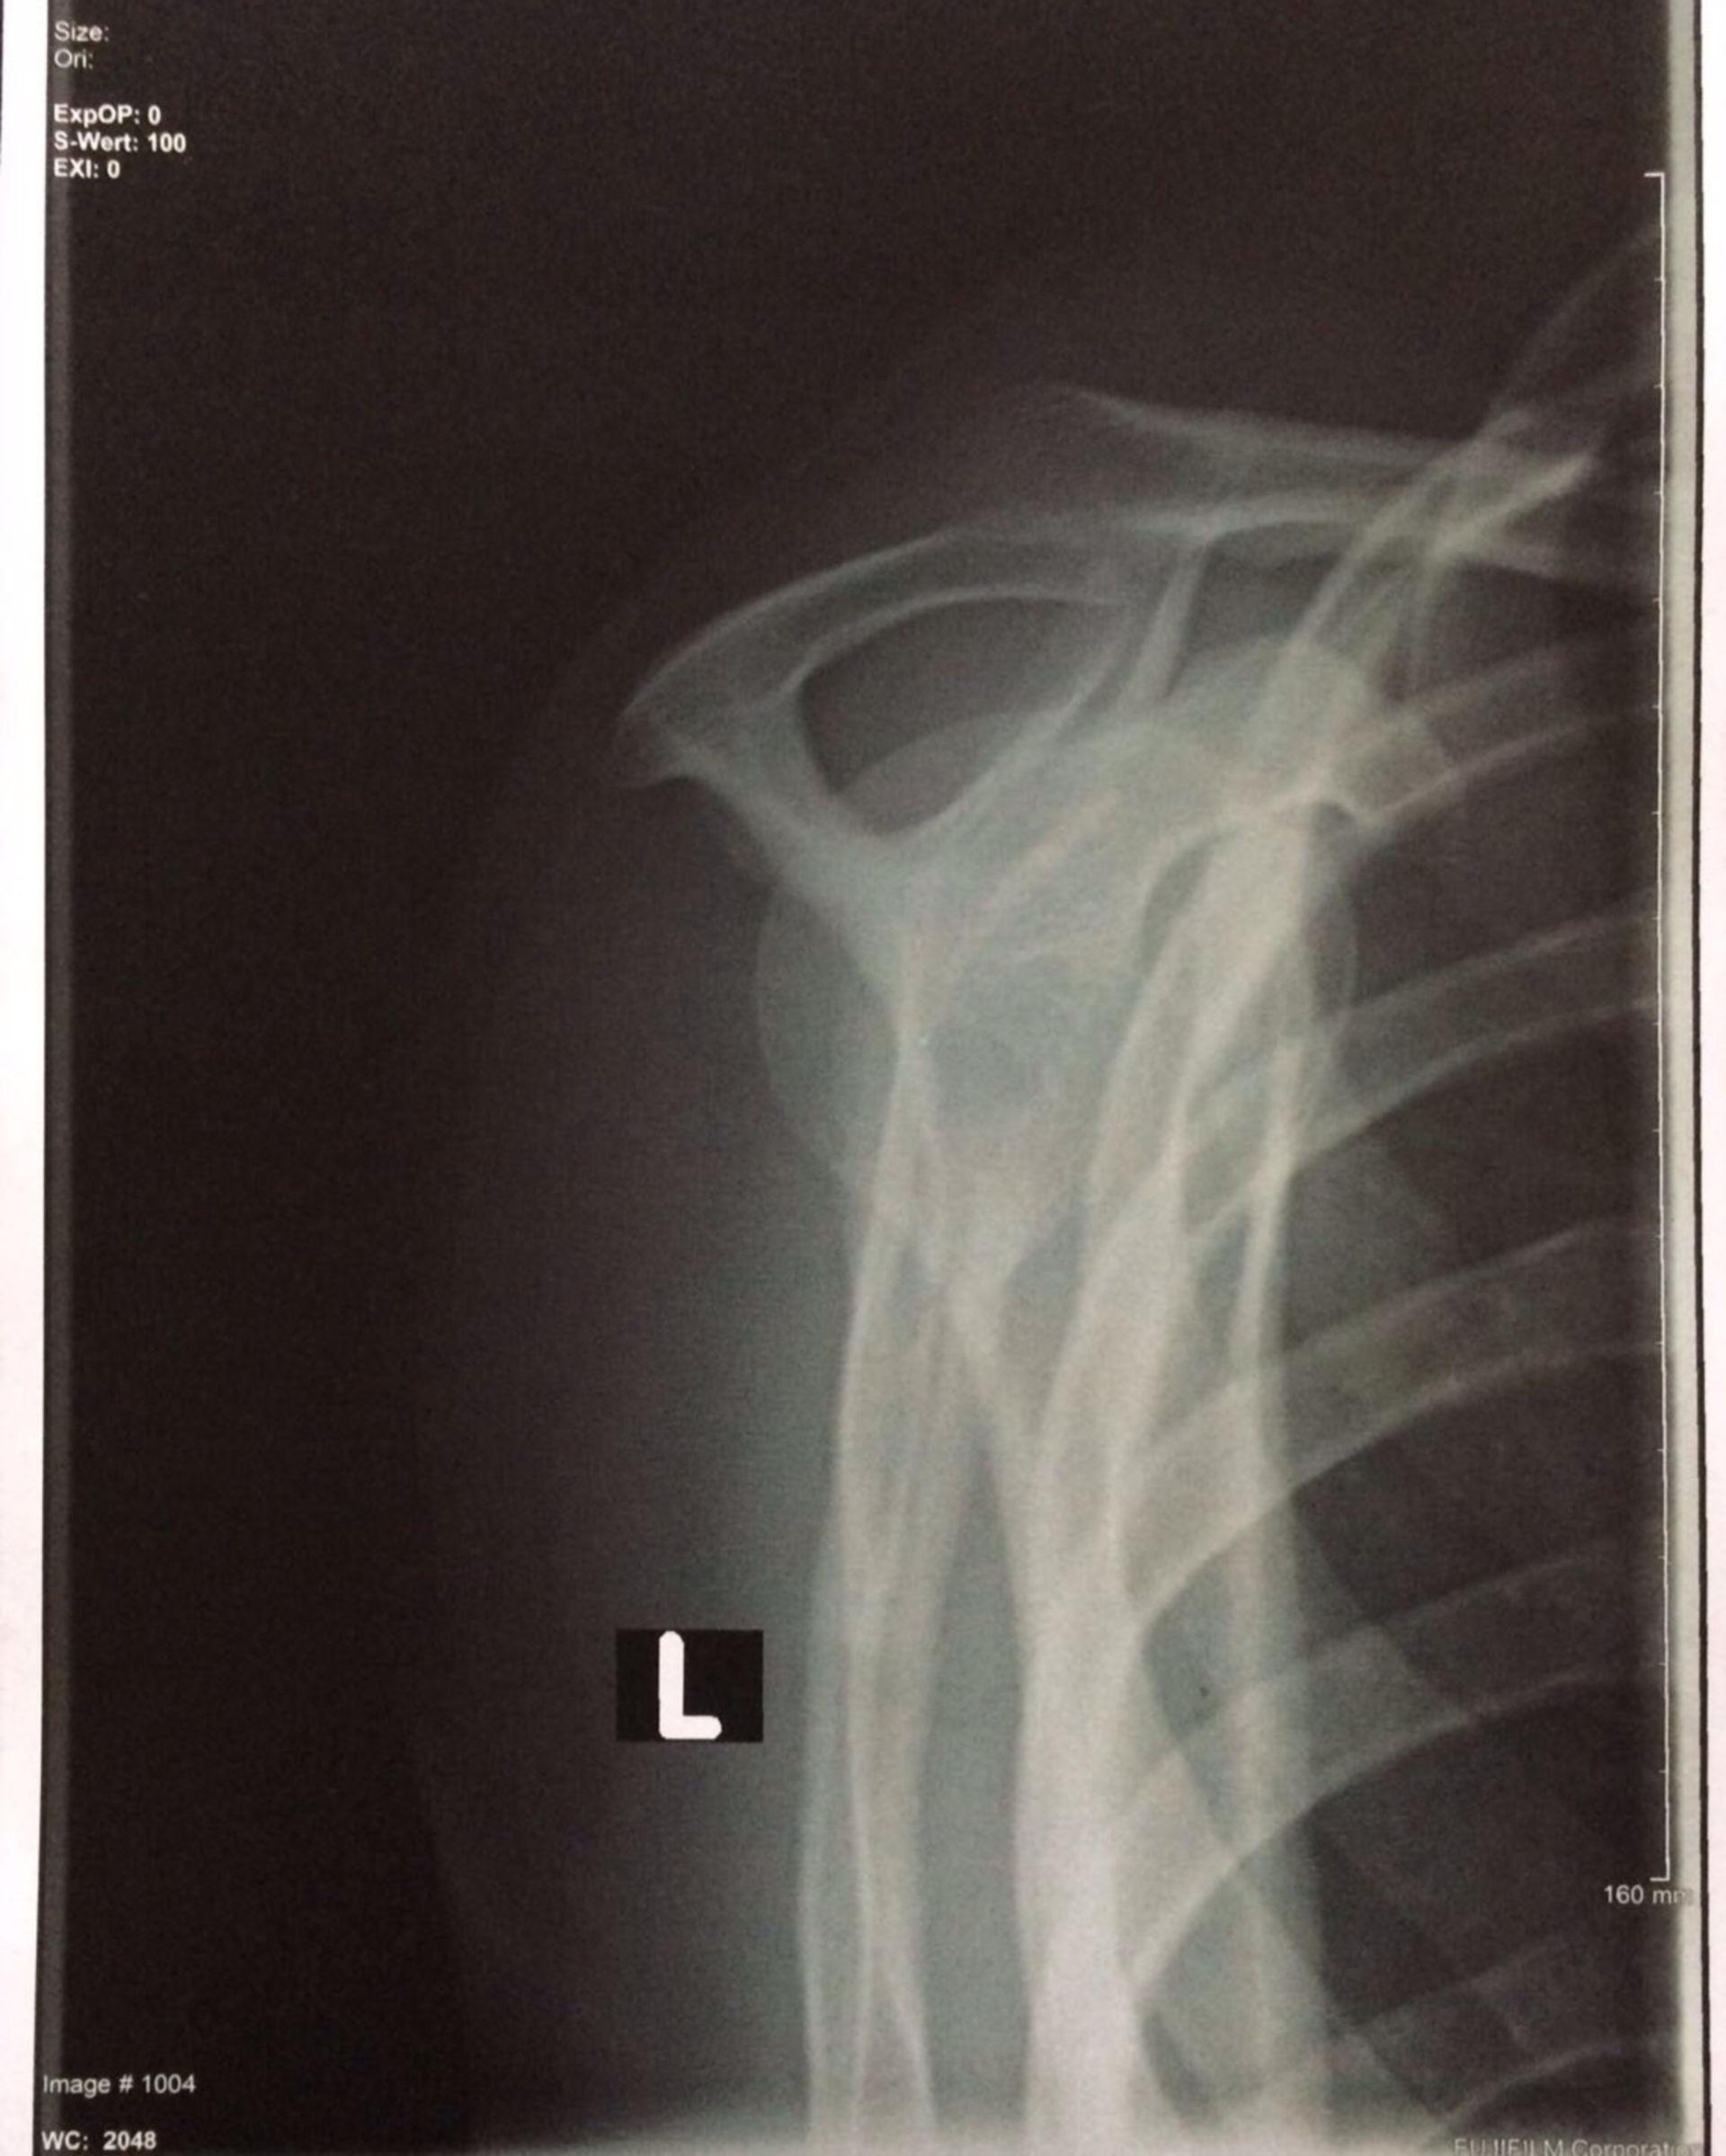 Röntgenbild Schulter